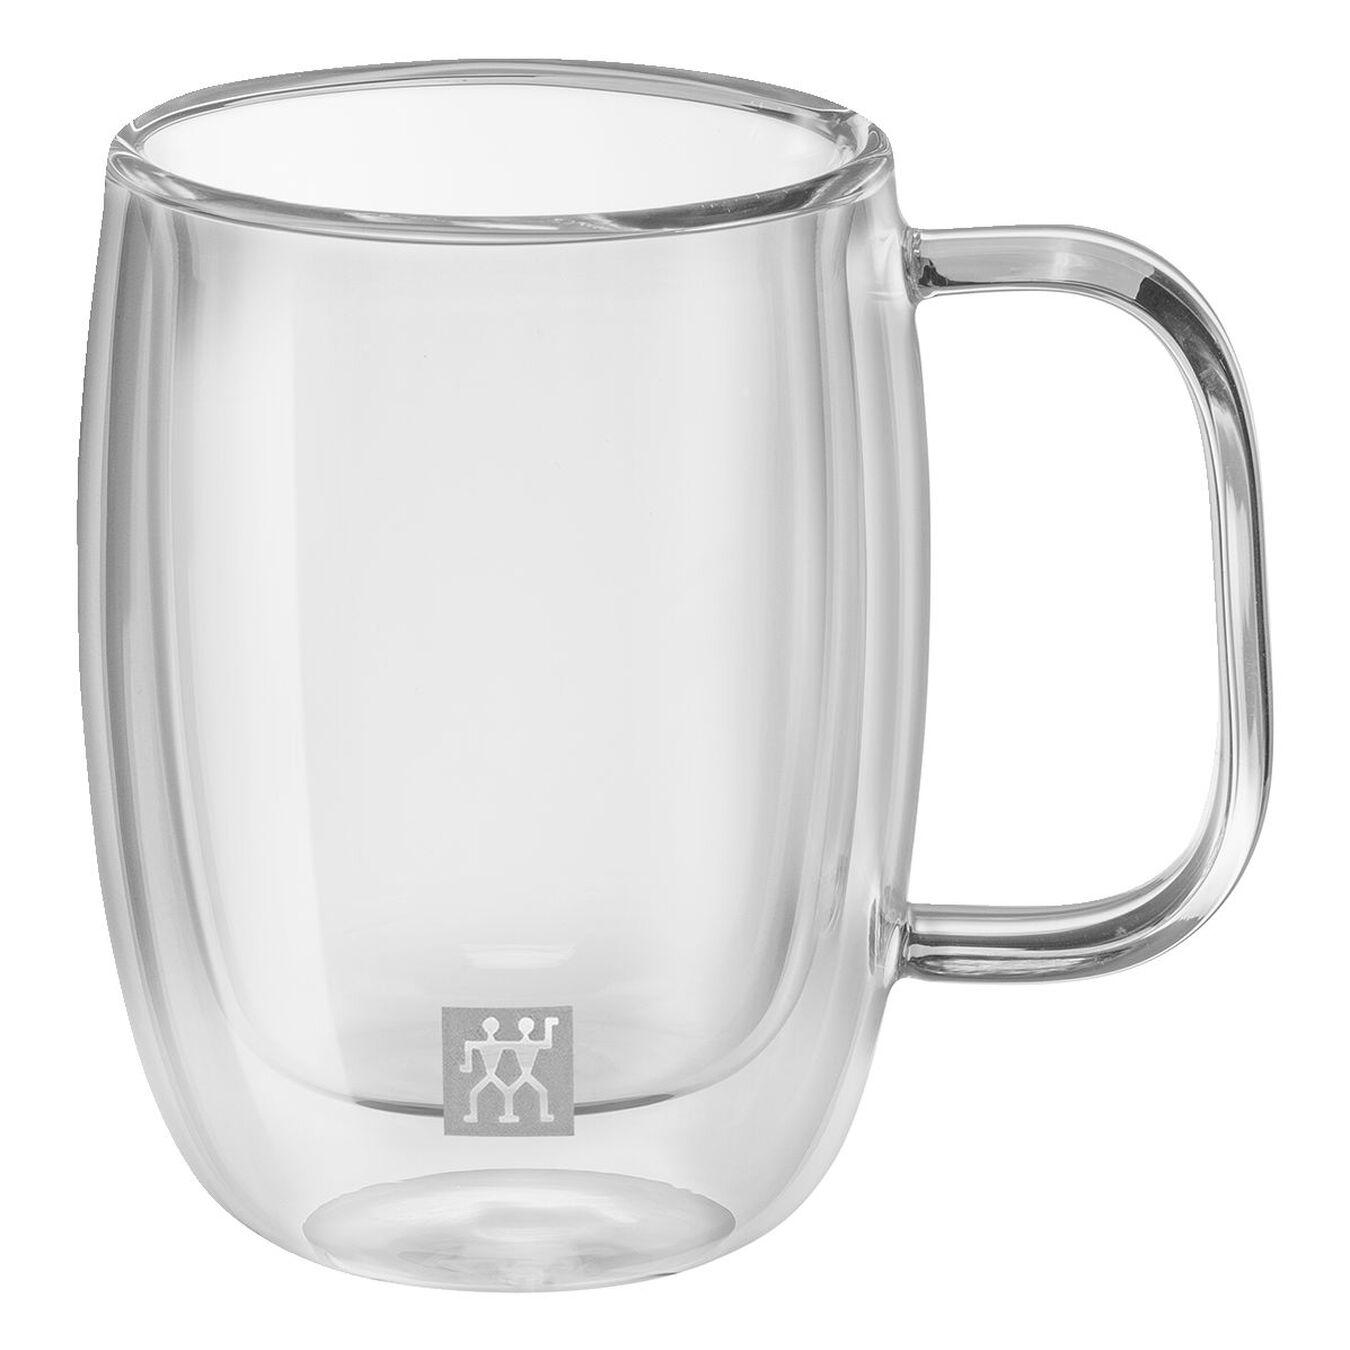 Service de verres à expresso à double paroi, 2-pces,,large 1